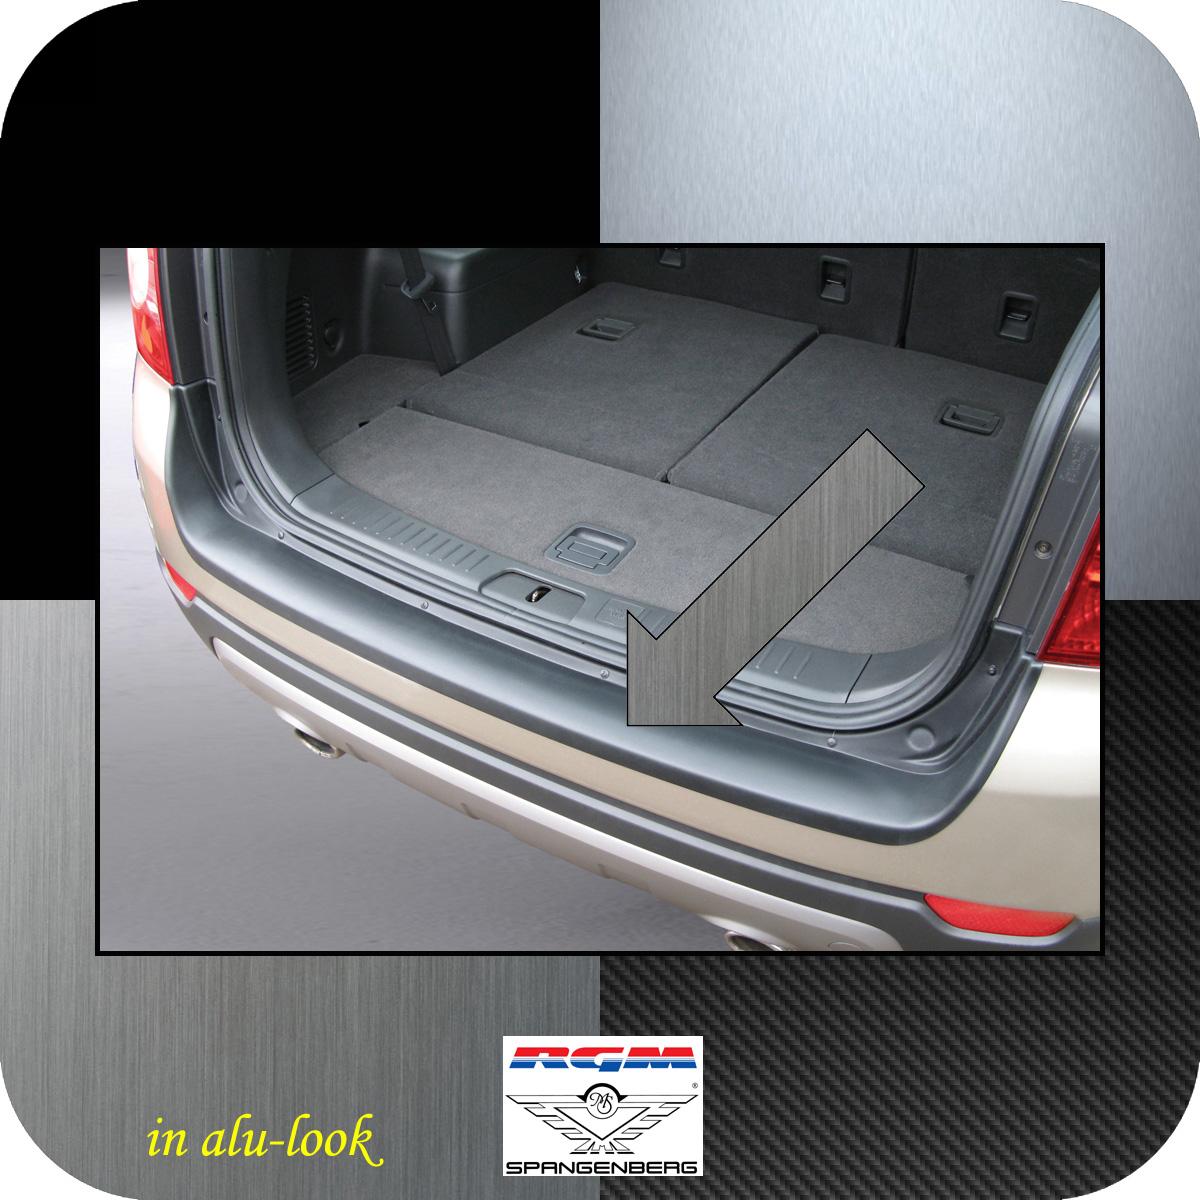 Ladekantenschutz Alu-Look Chevrolet Captiva SUV 4X4 vor Mopf 2006-13 3504322